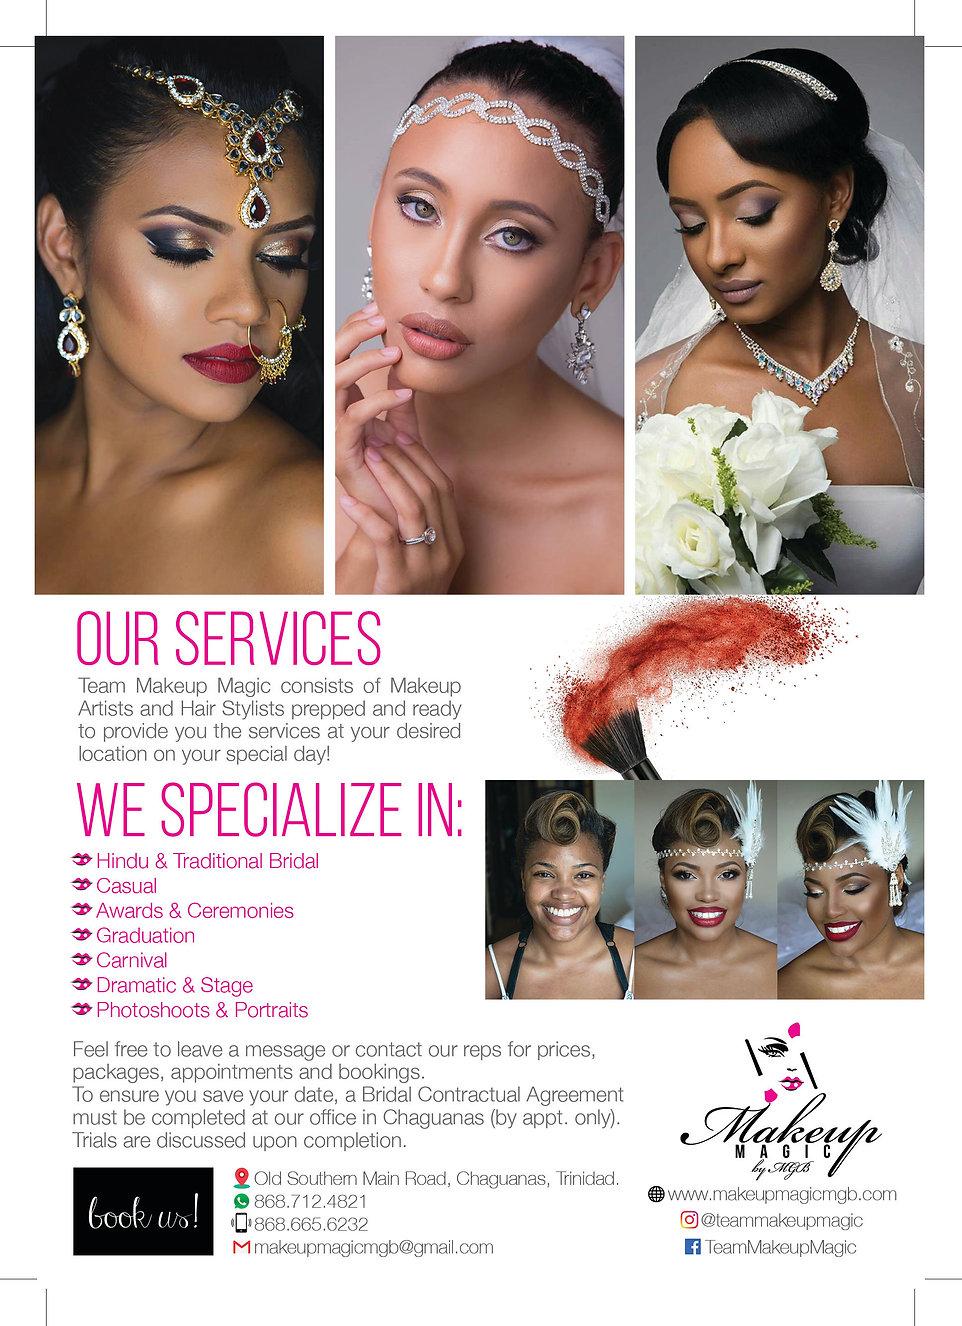 Wedding Makeup Prices in Trinidad & Tobago